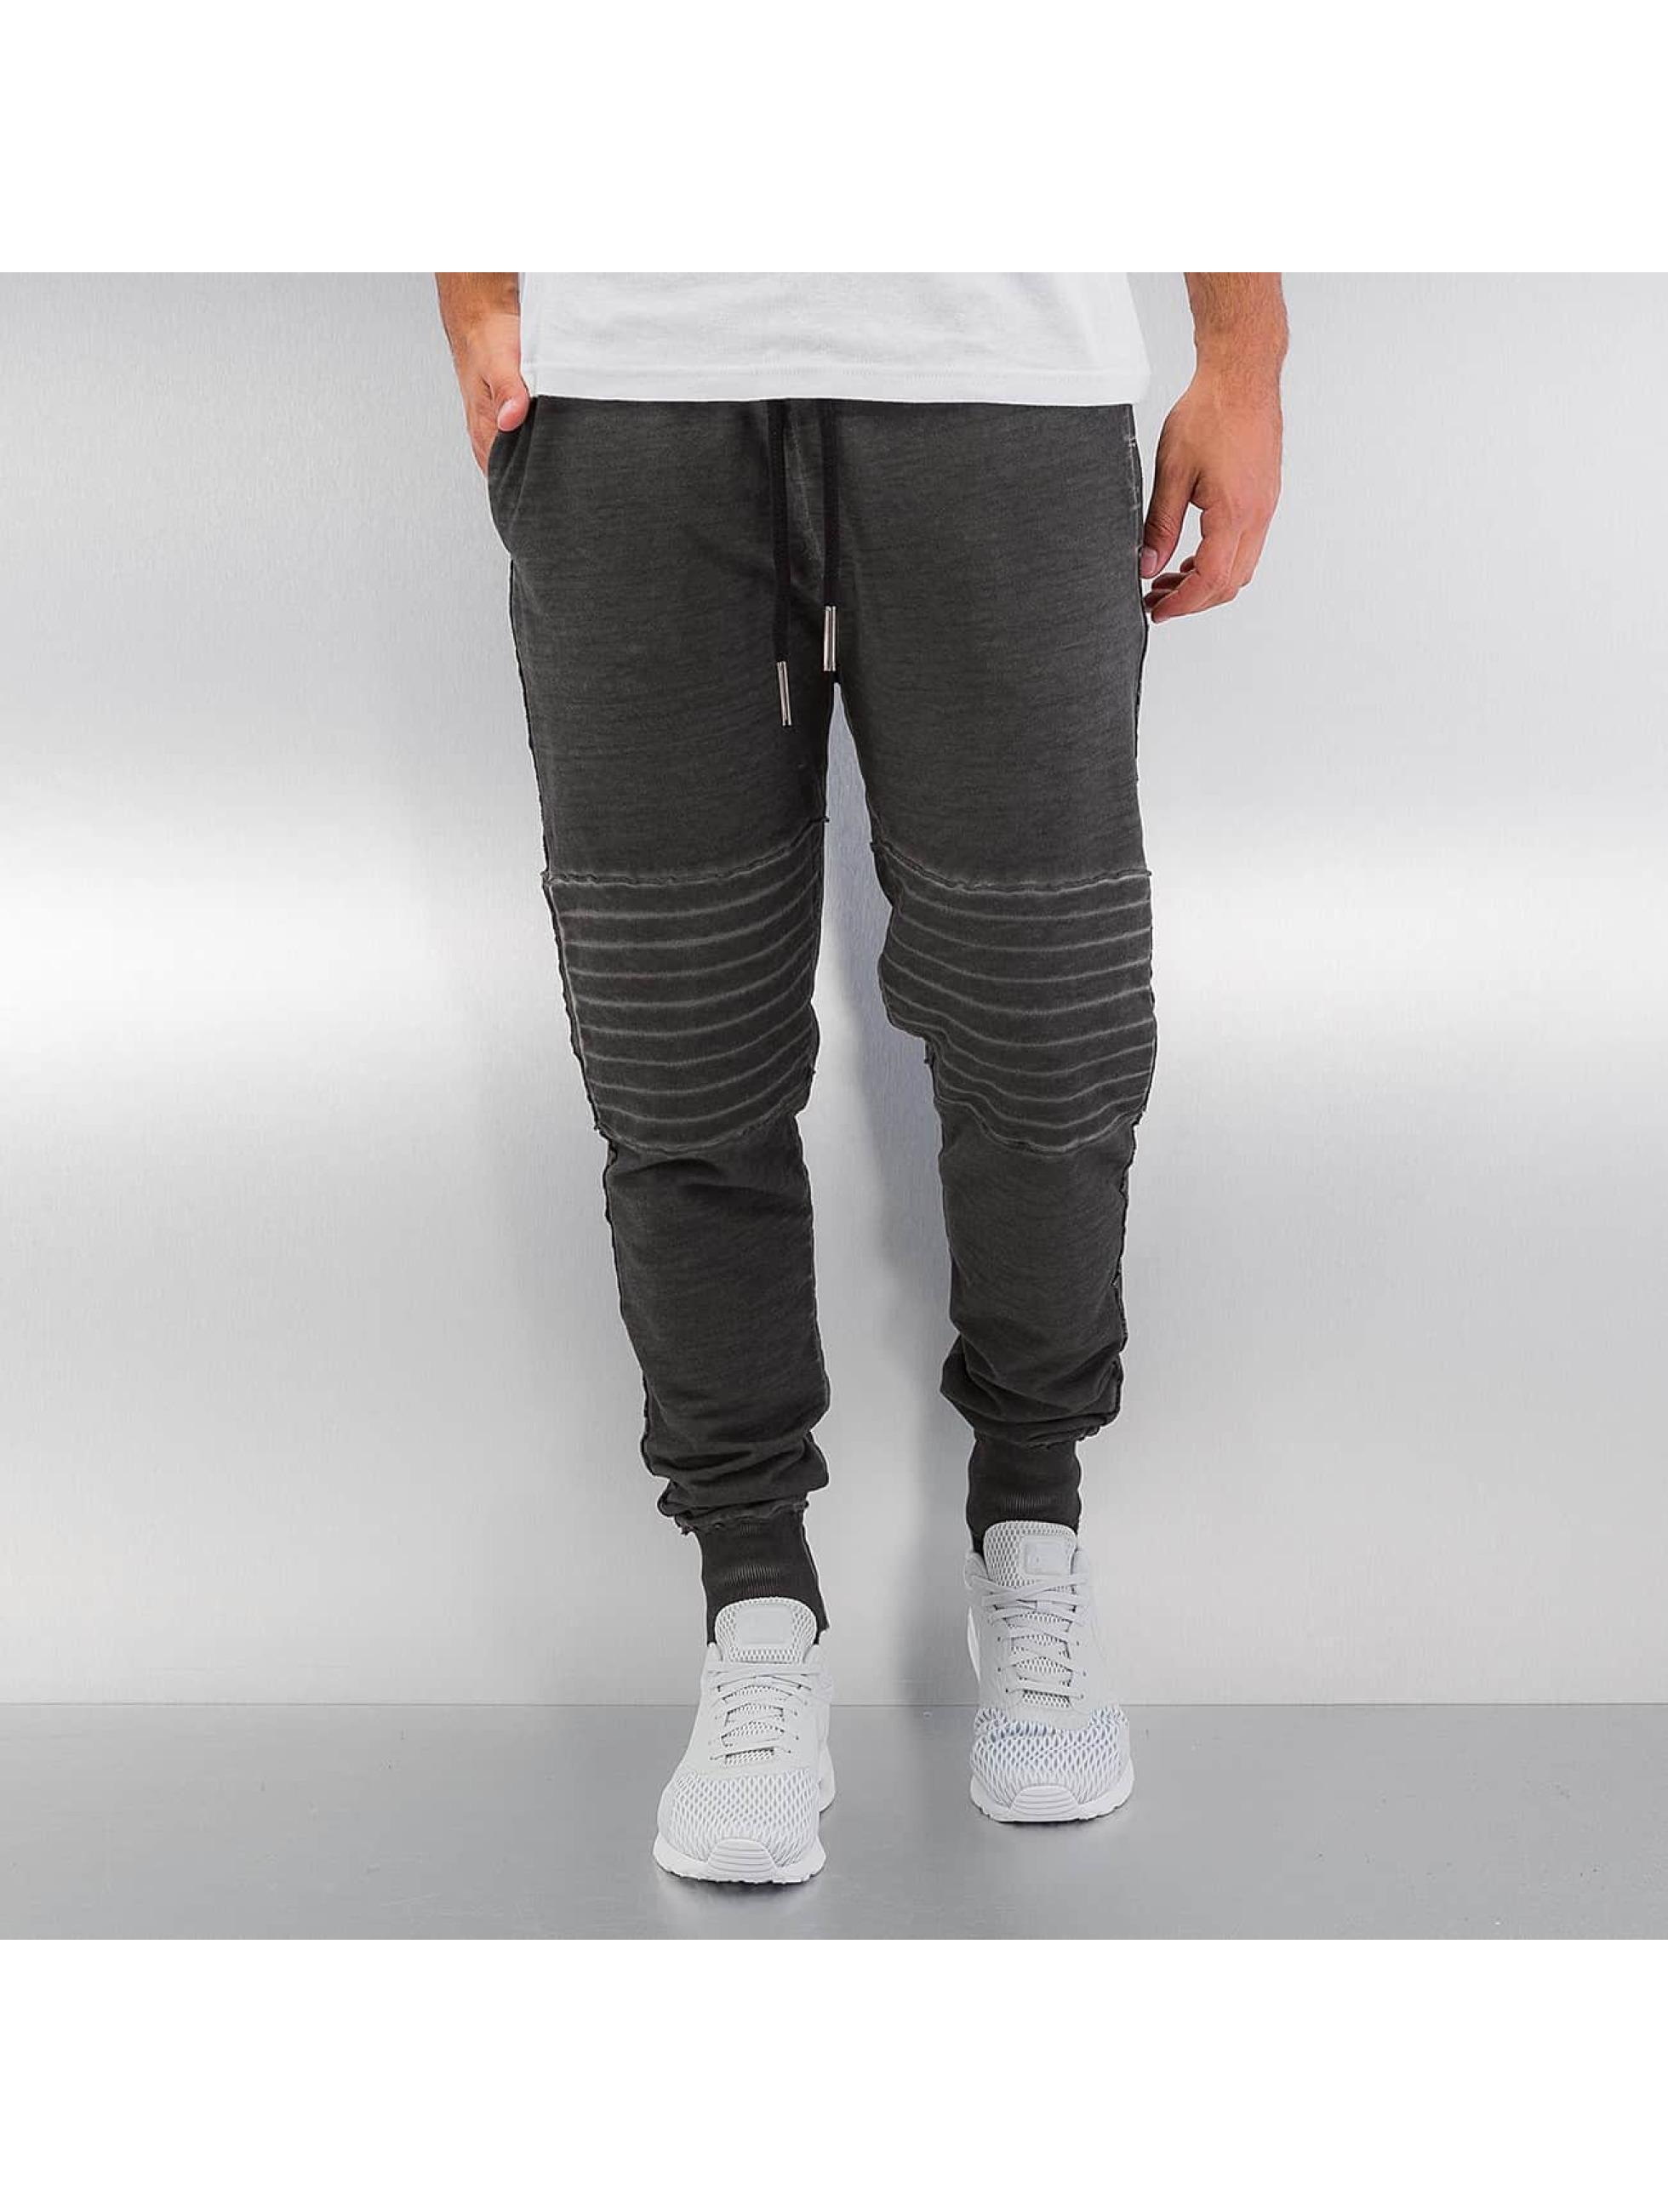 Yezz Spodnie do joggingu Washed szary